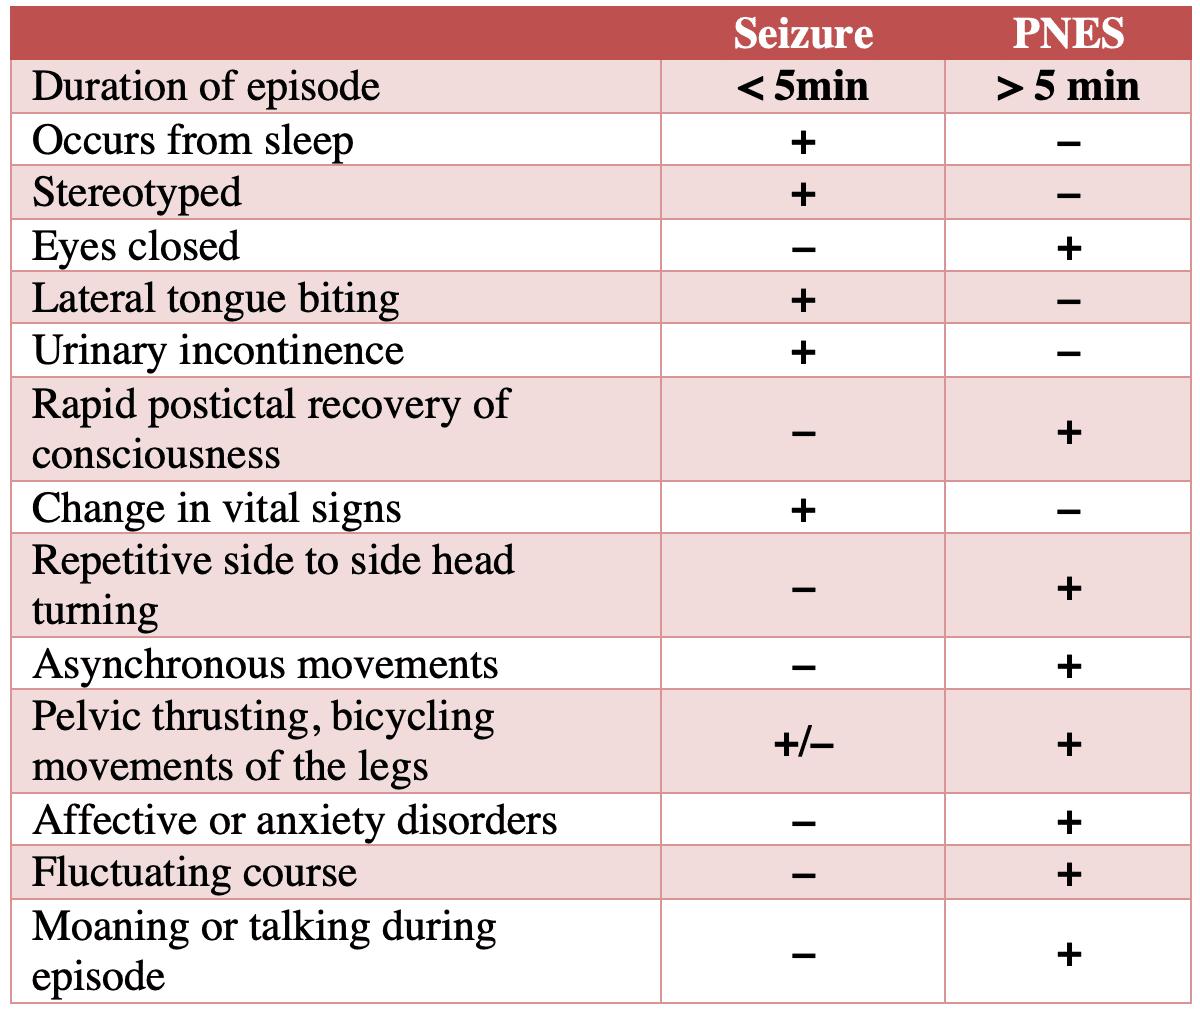 psychogenic nonepileptiform seizure